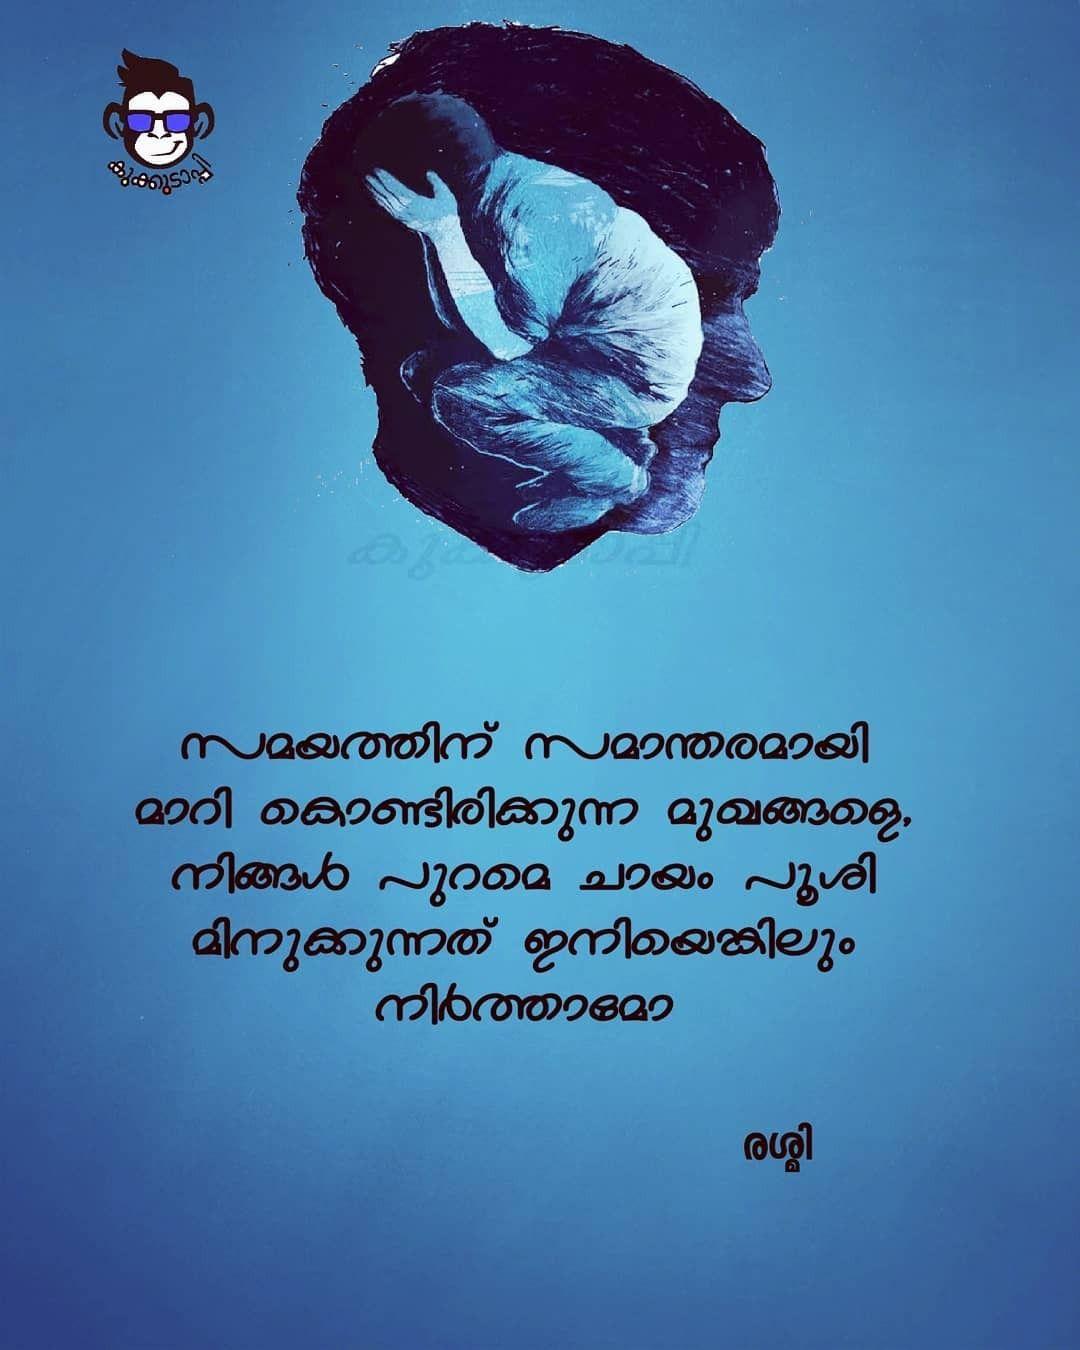 Pin By Nisha Natarajan On Malayalam Quotes Malayalam Quotes Funny Quotes Thoughts